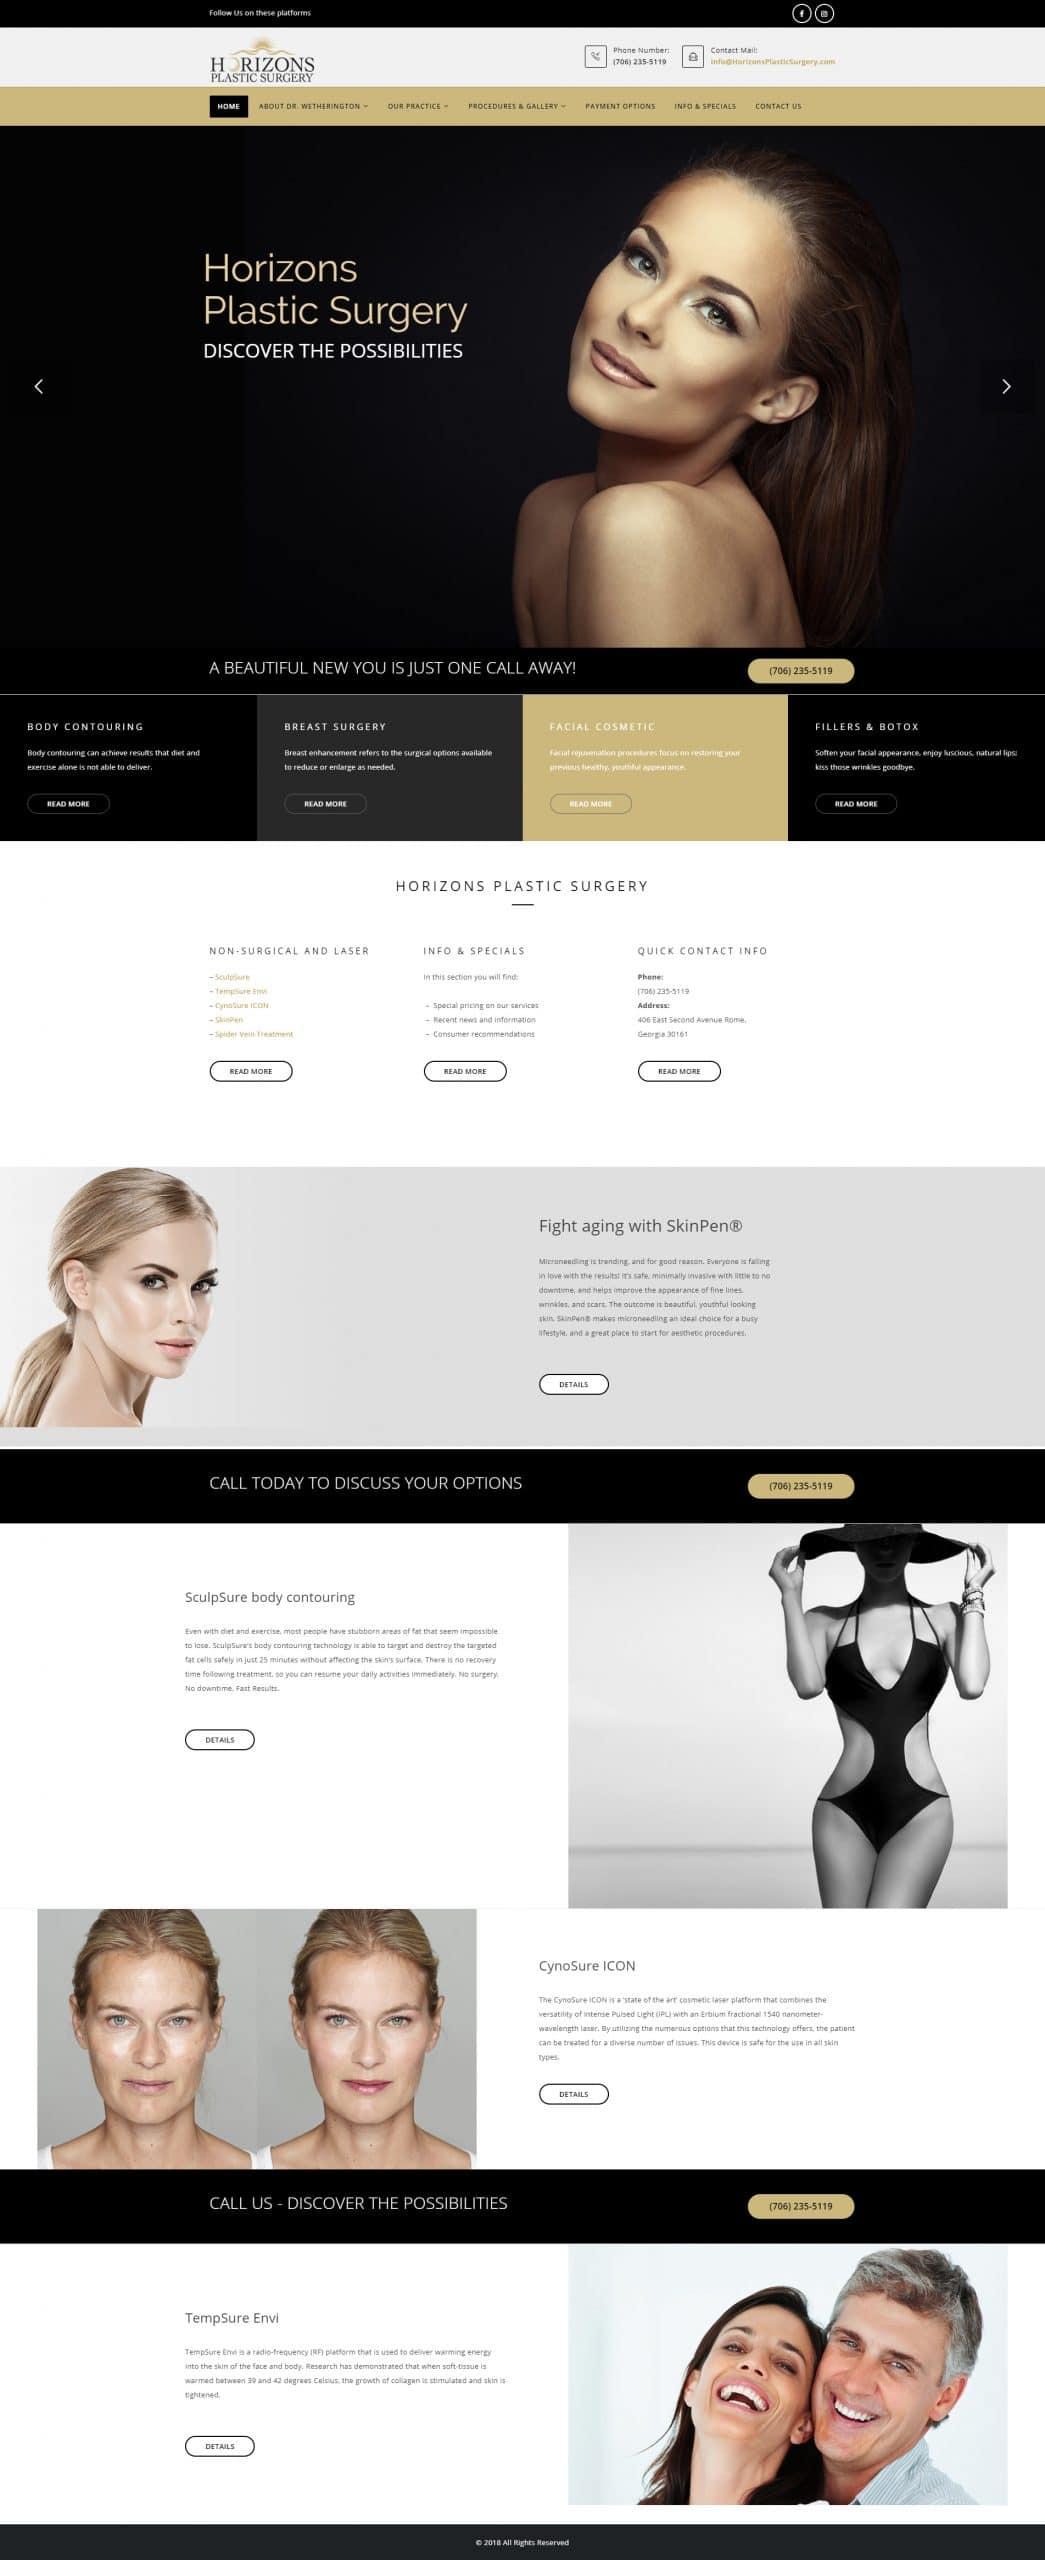 Horizons Plastic Surgery Homepage